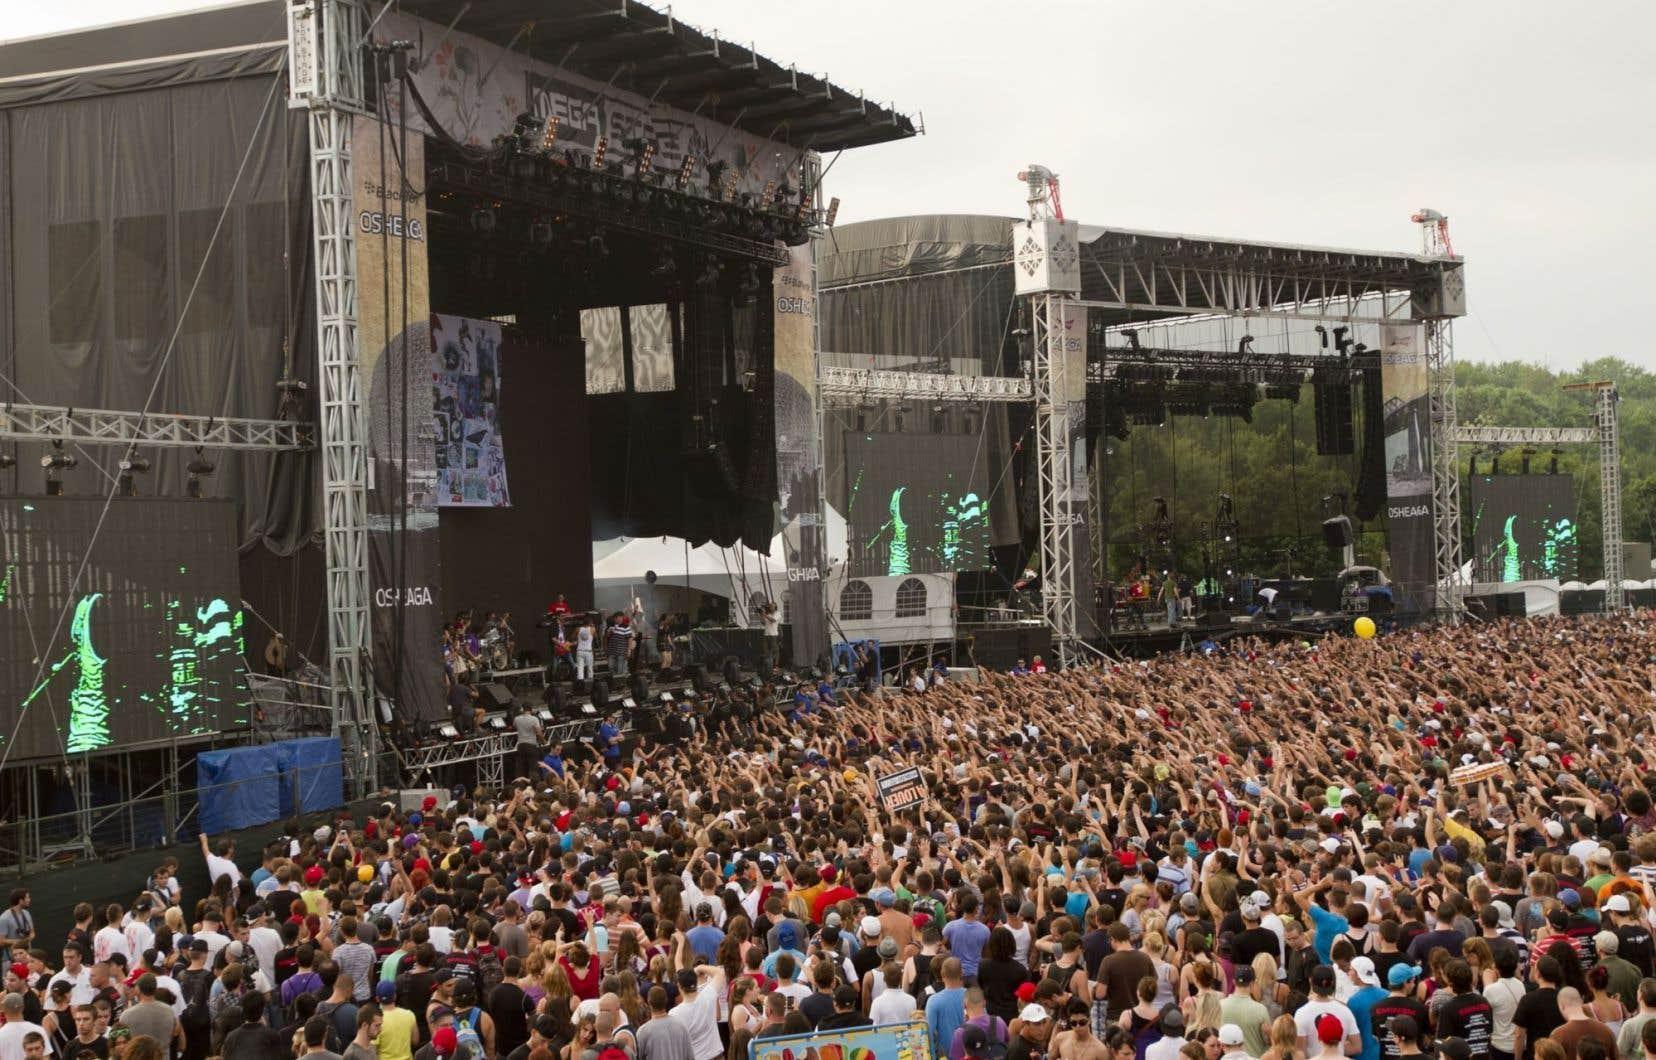 Une foule de personnes au festival Osheaga